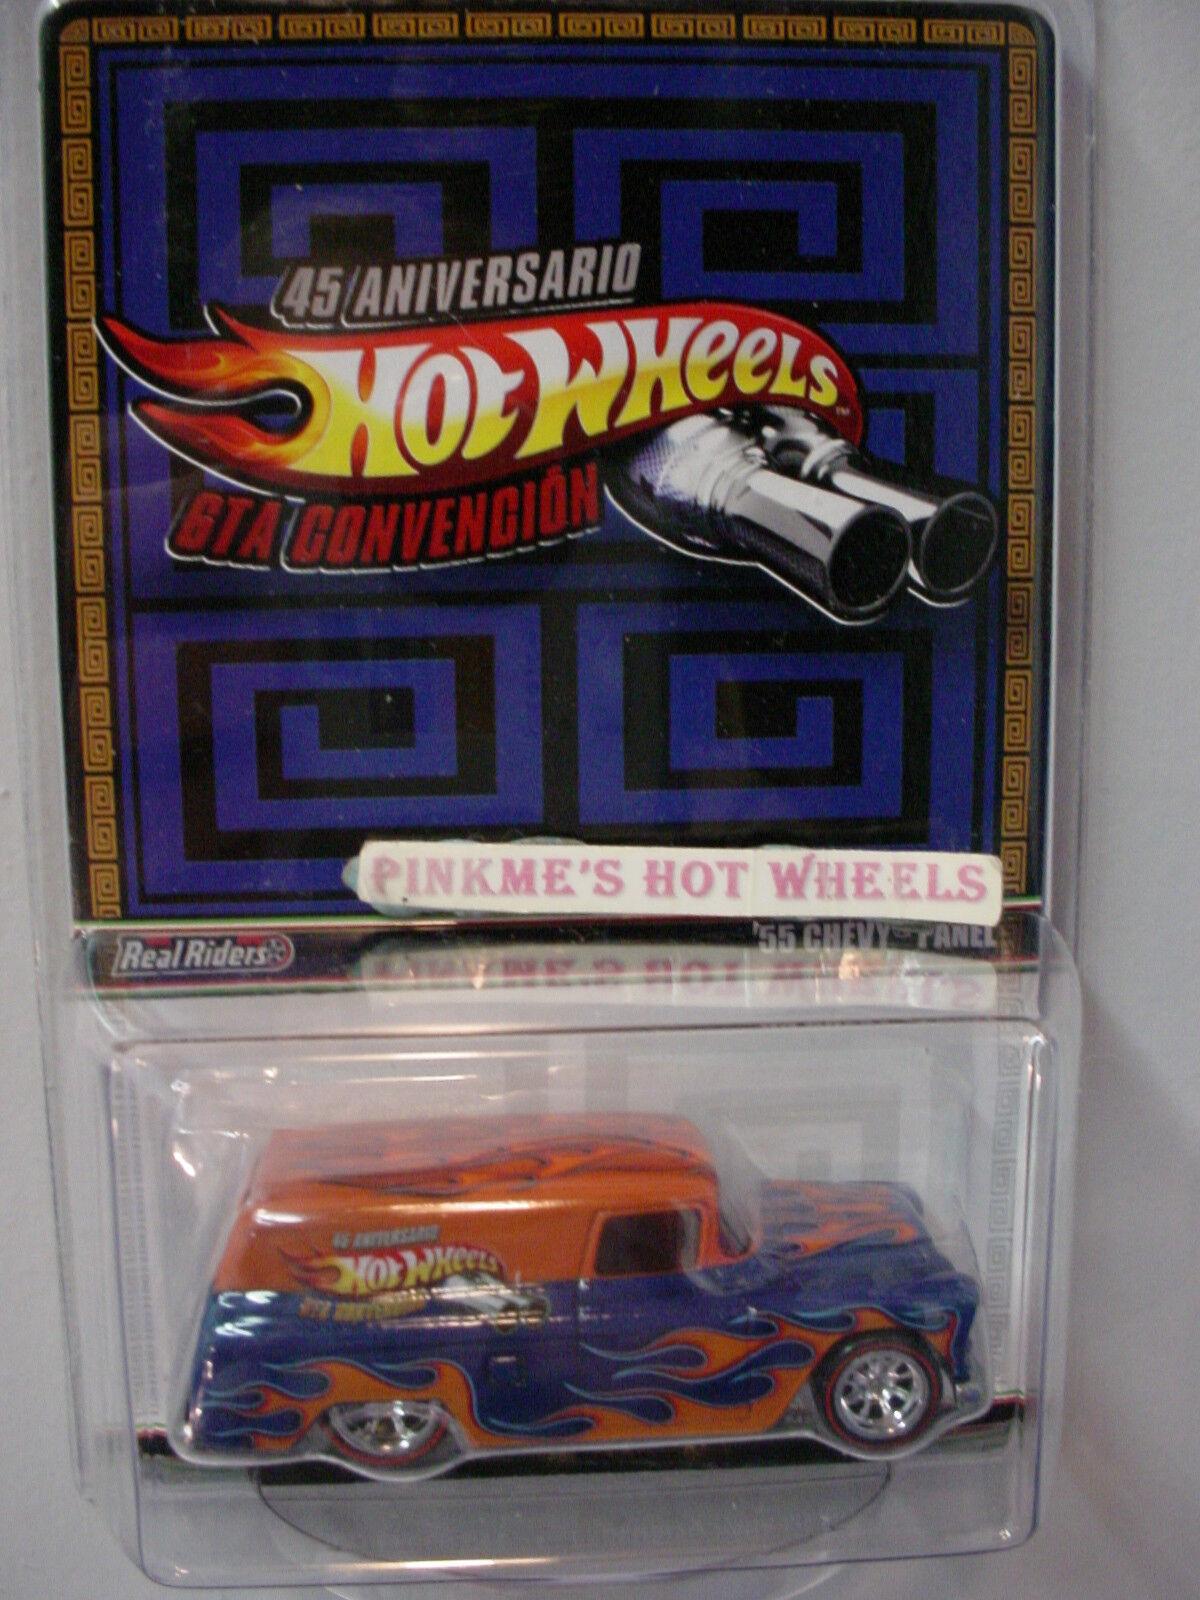 2013 Rlc 45TH Anni '55 Chevy Panneau Orange Bleu Real Riders Mexique Hot Wheels